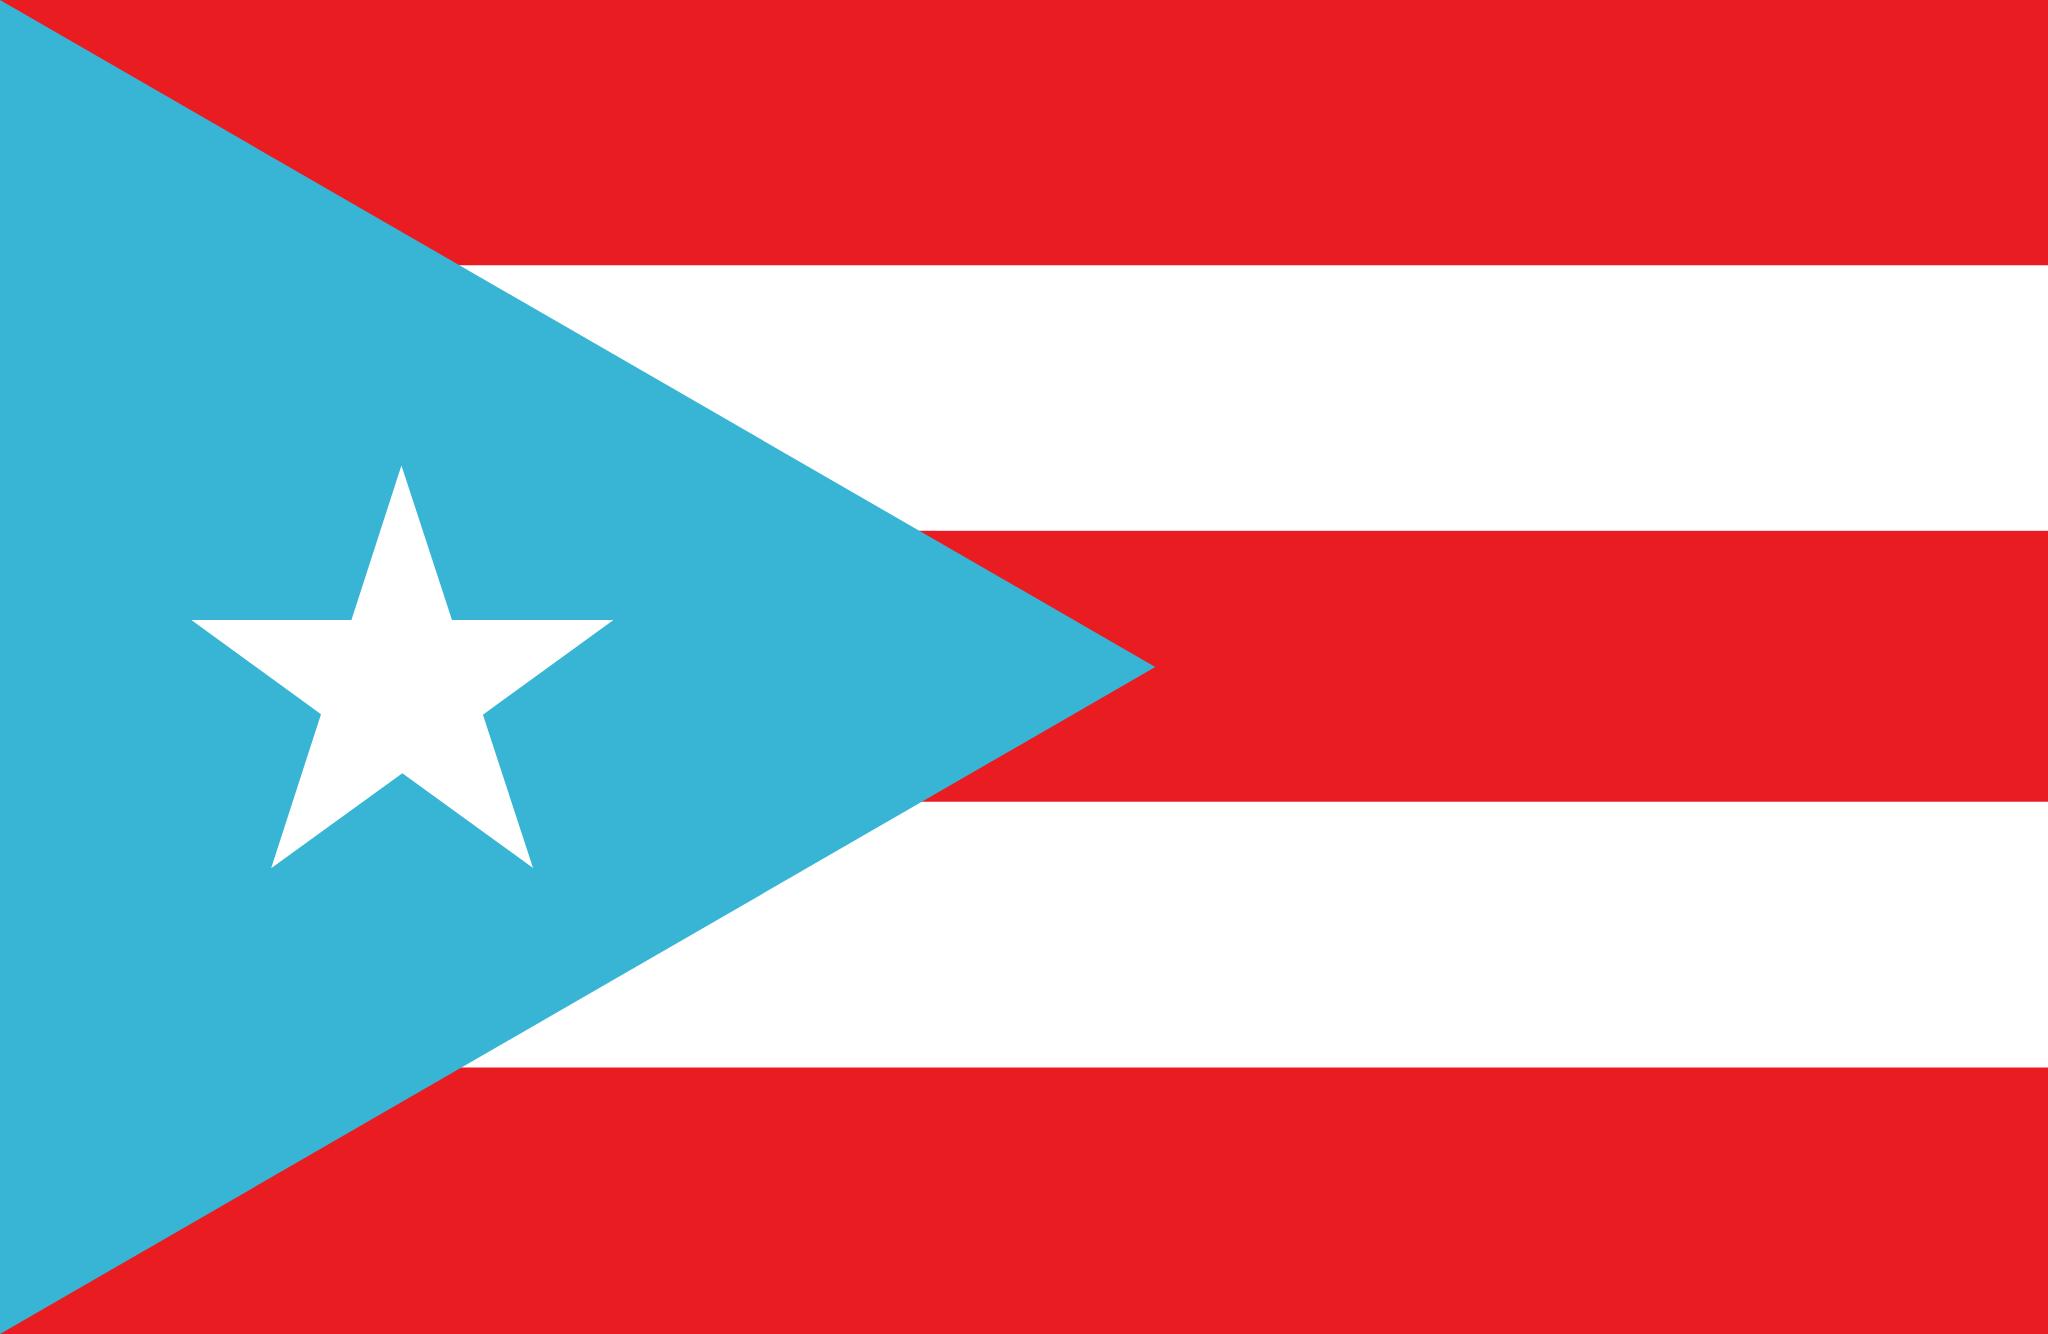 Decolonize Puerto Rico - La Bandera Puertorriqueña